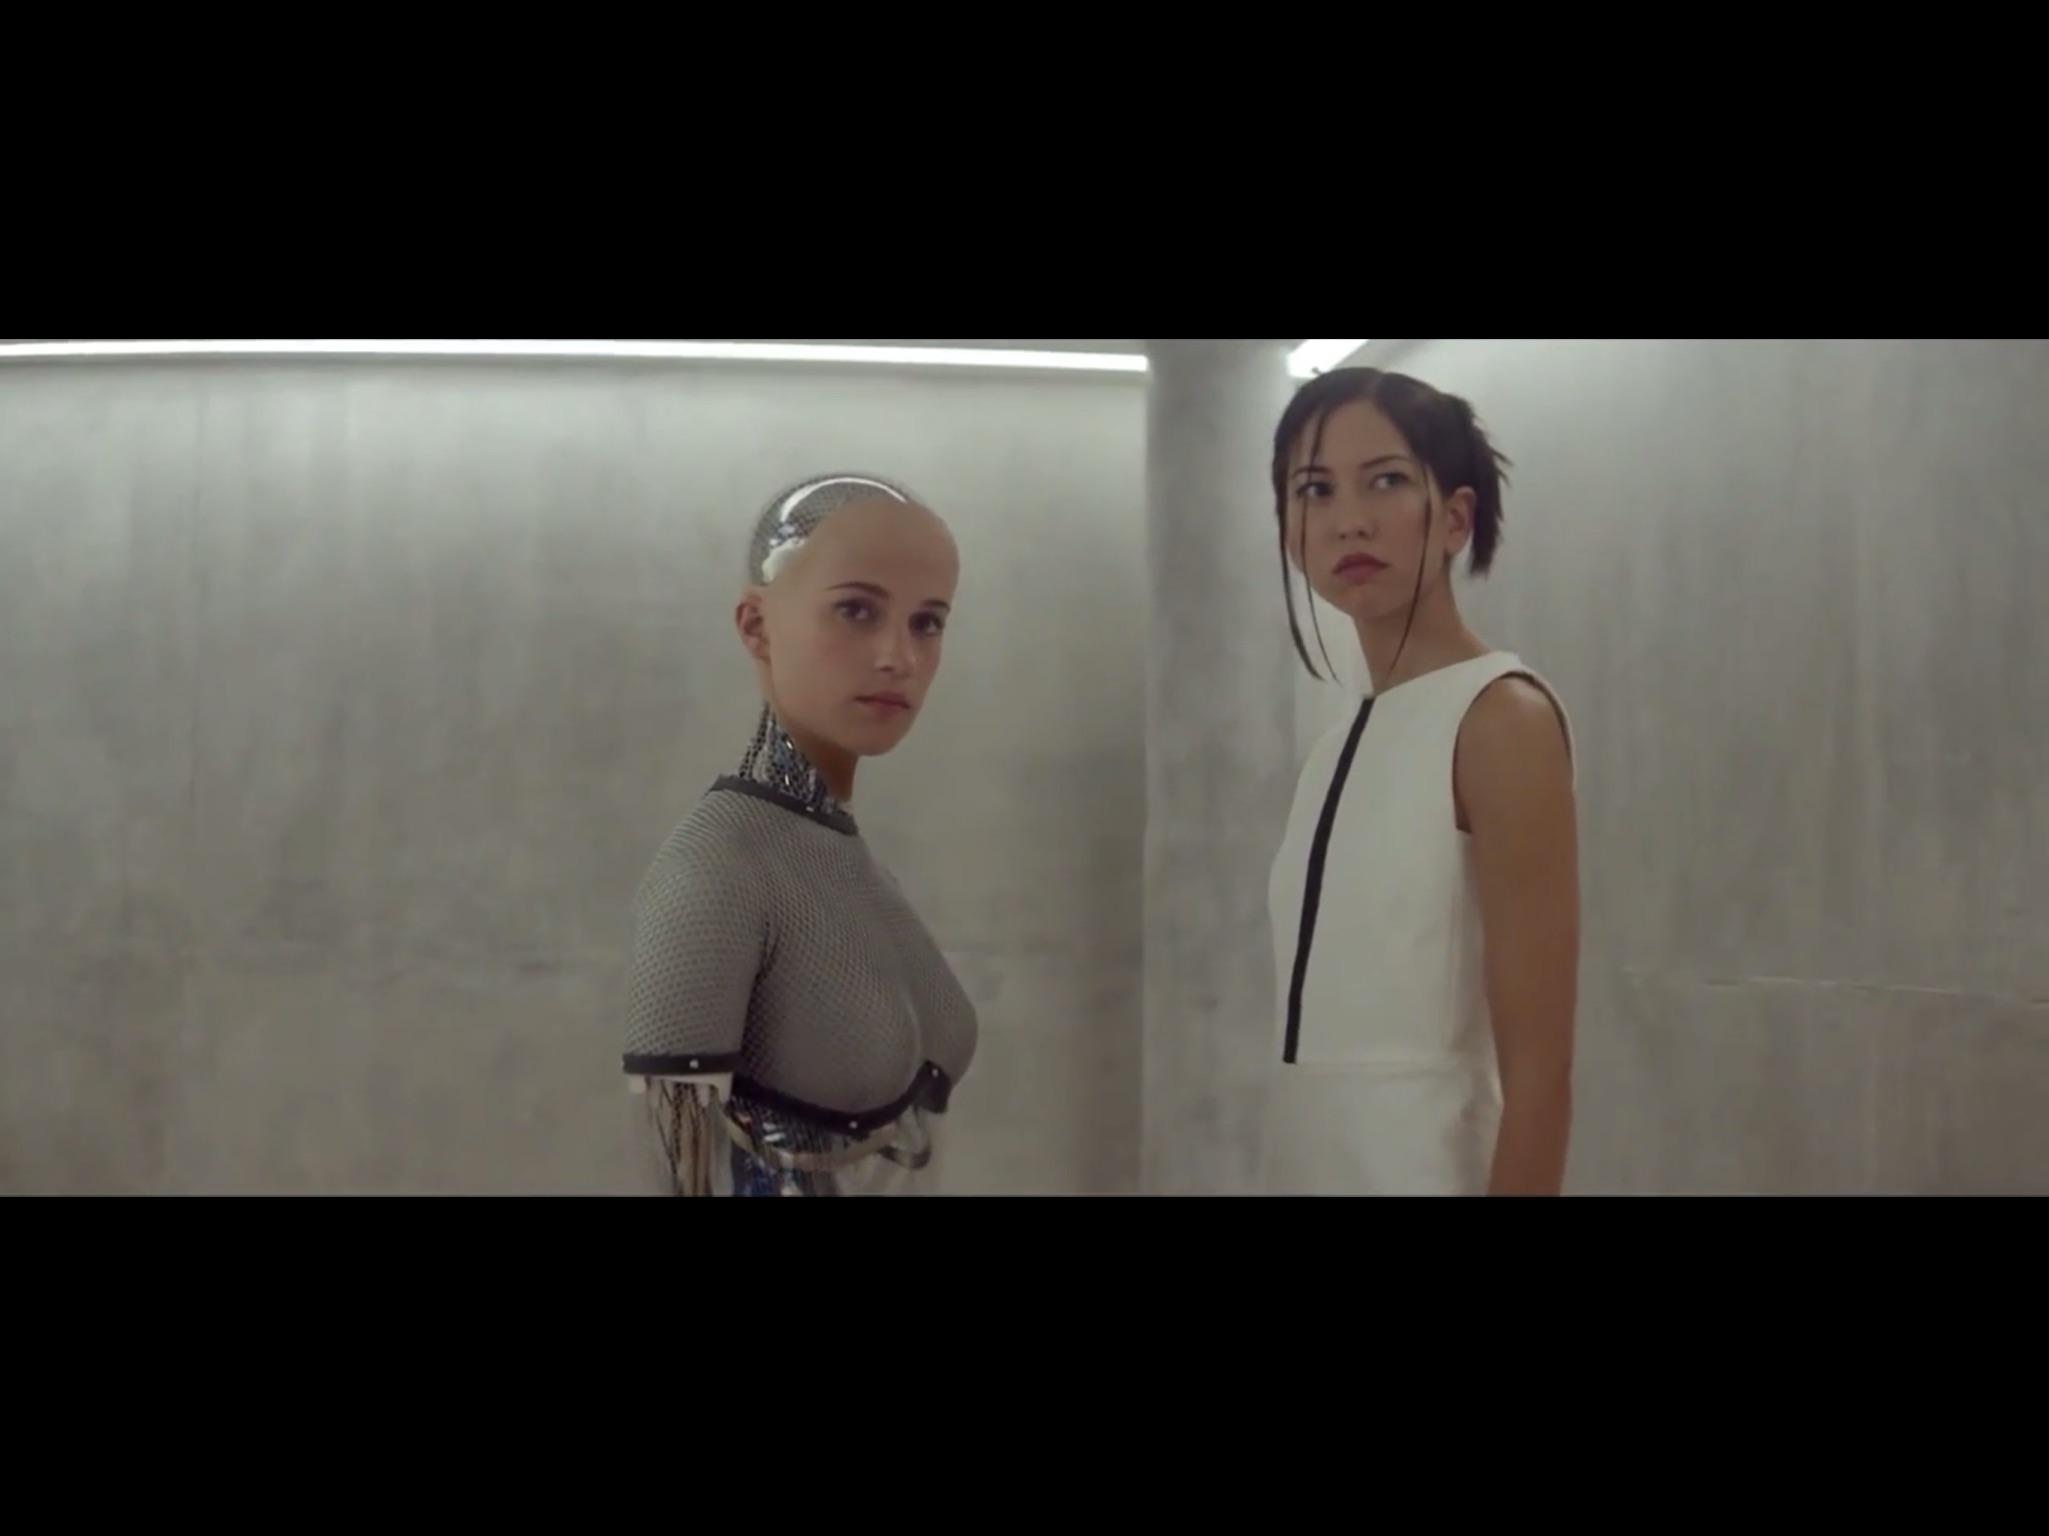 ex-machina-movie-screenshot-35.JPG